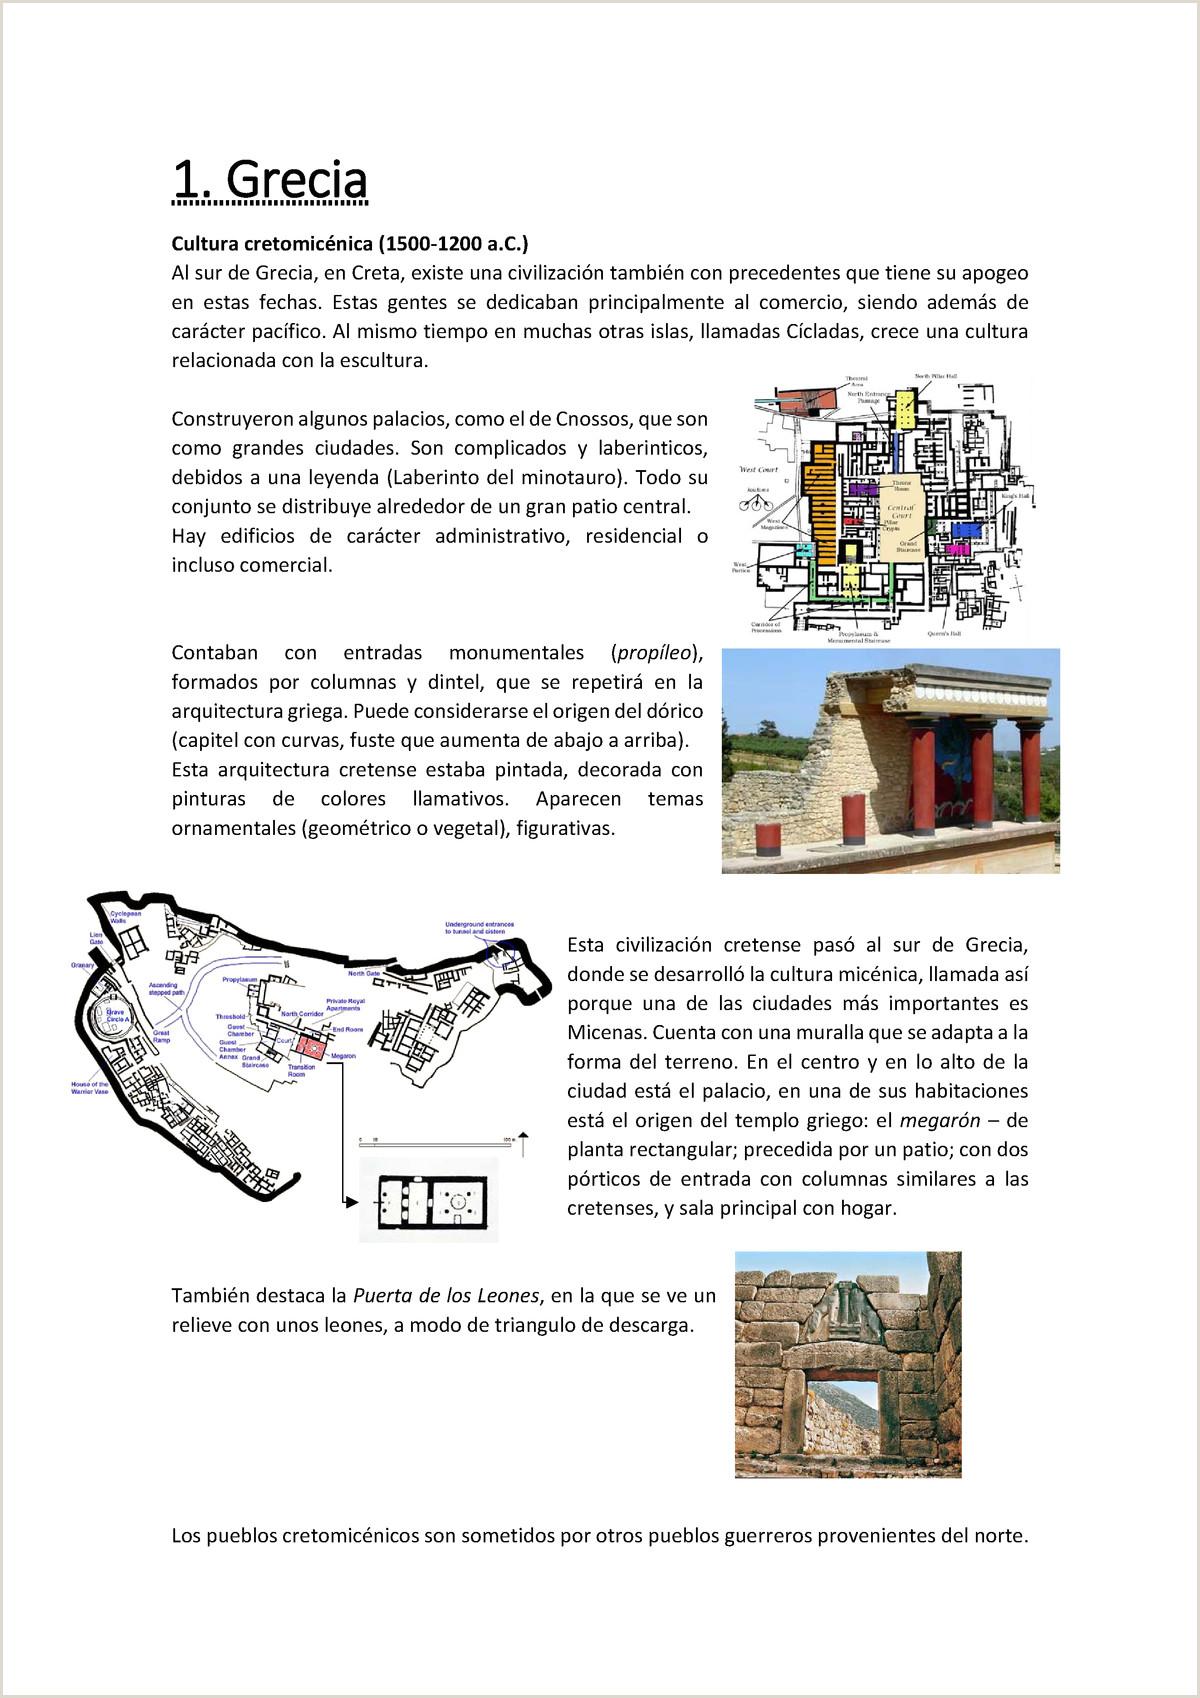 Hoja De Vida Minerva Descargar Temas 1 8 Prof Mª Jesºs Callejo Con Imágenes